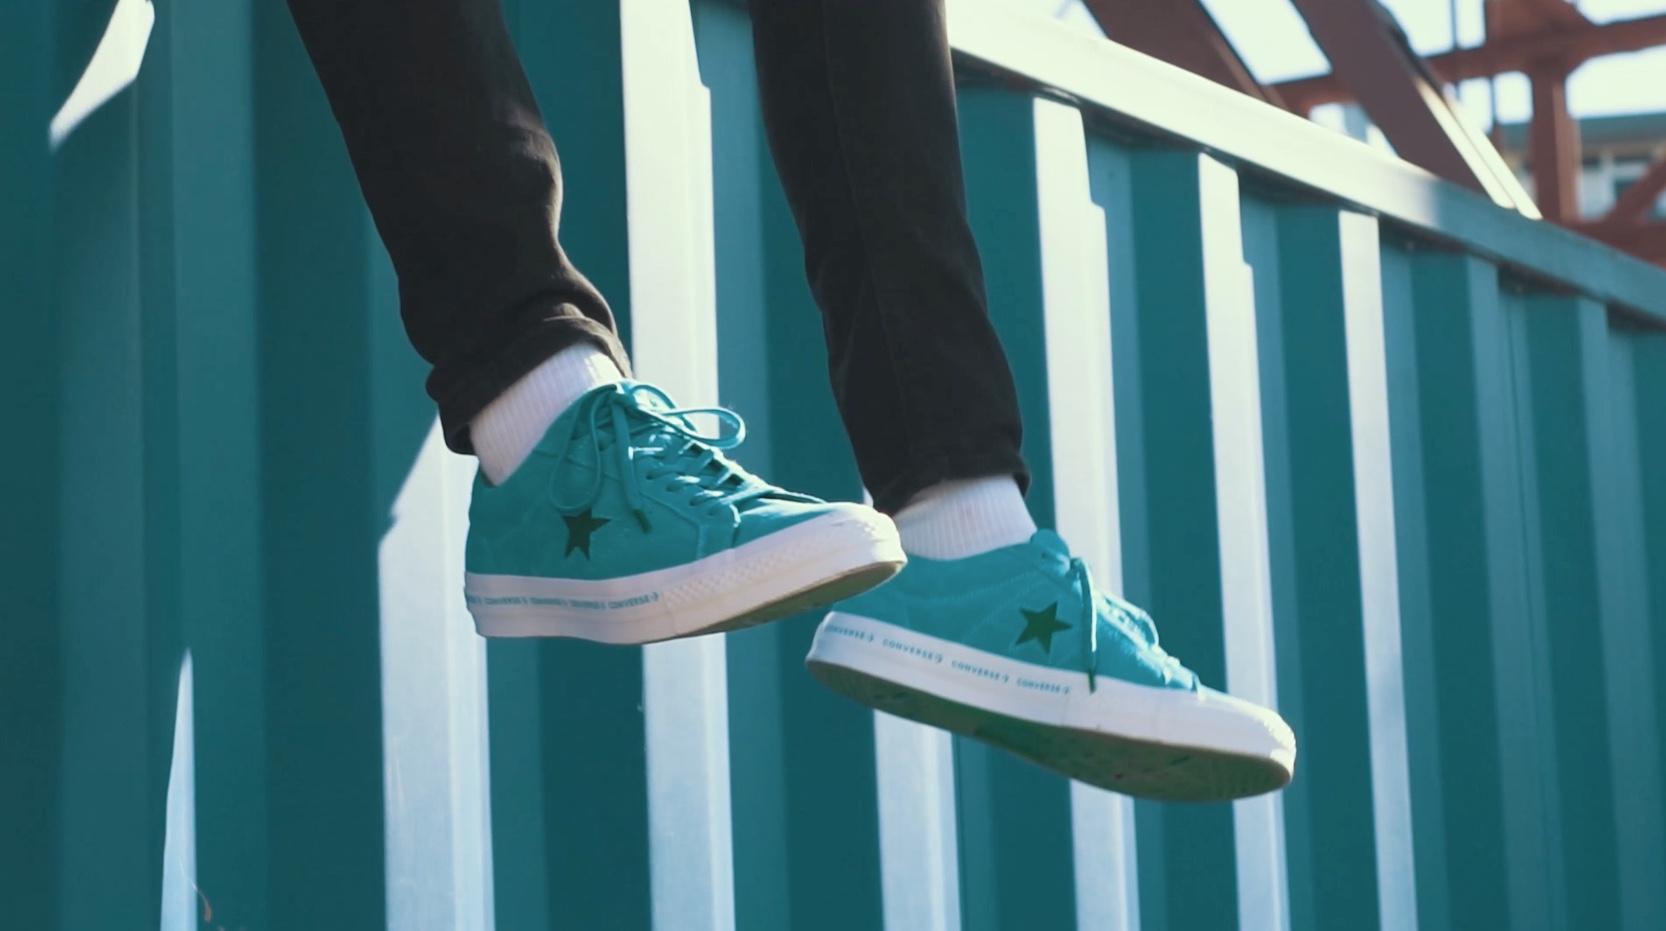 Converse Schuhe vor blauem Hintergrund